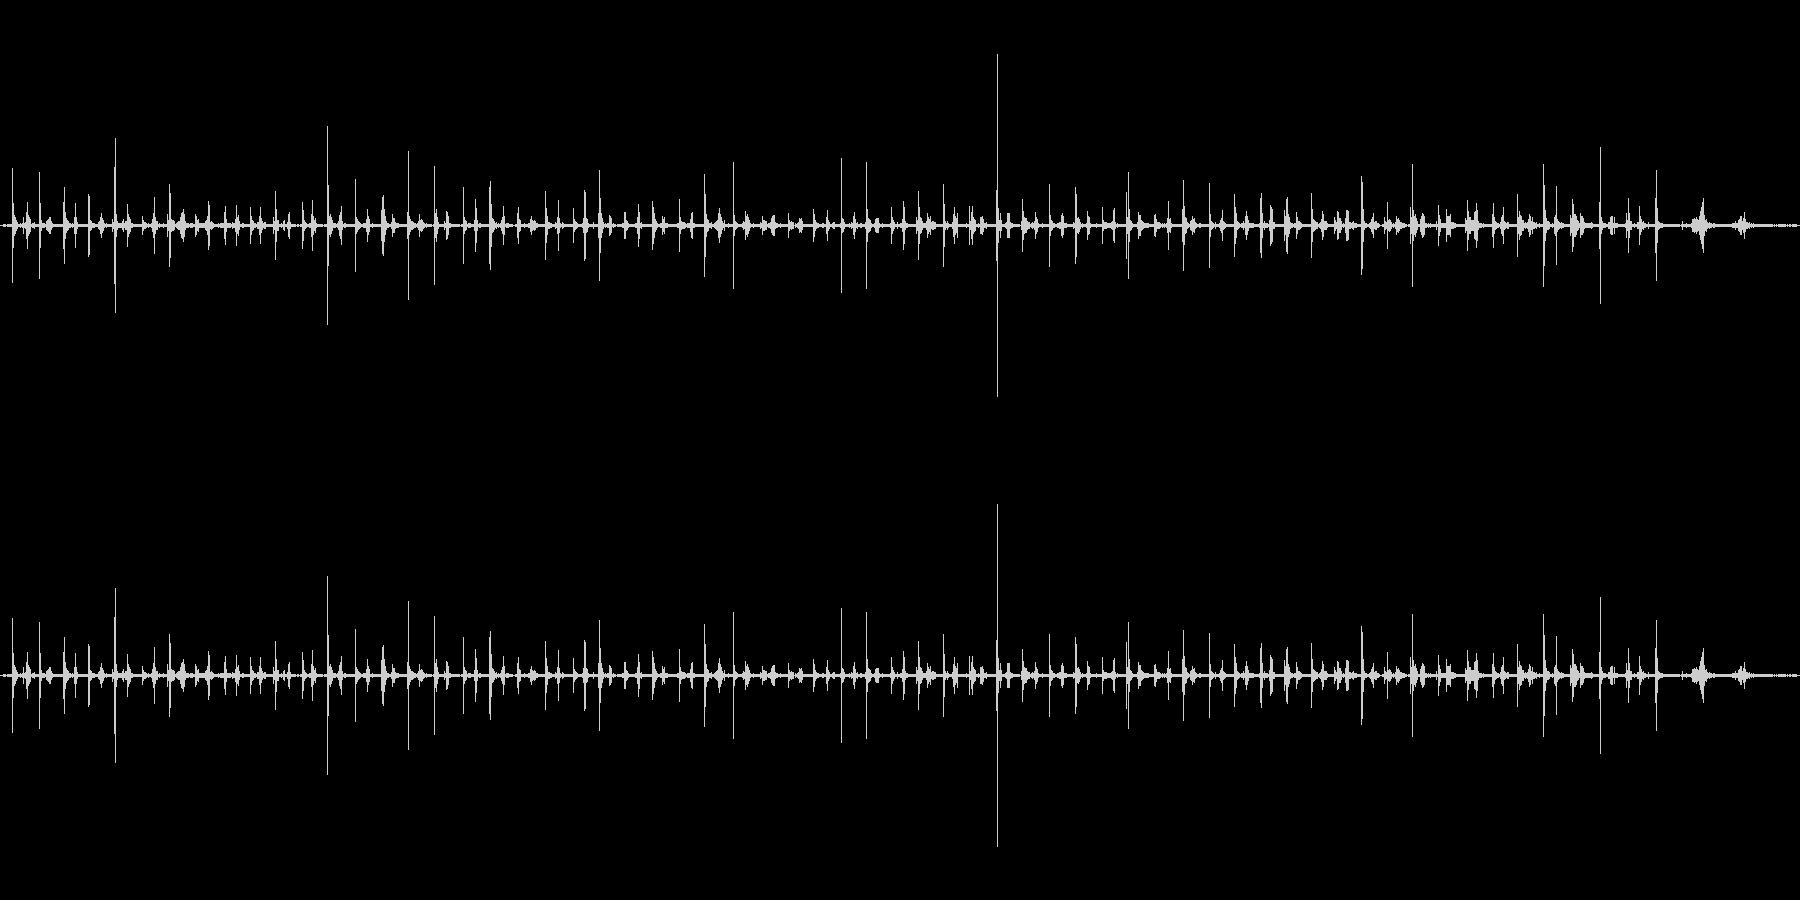 足音(歩く1)サンダル+コンクリートの未再生の波形